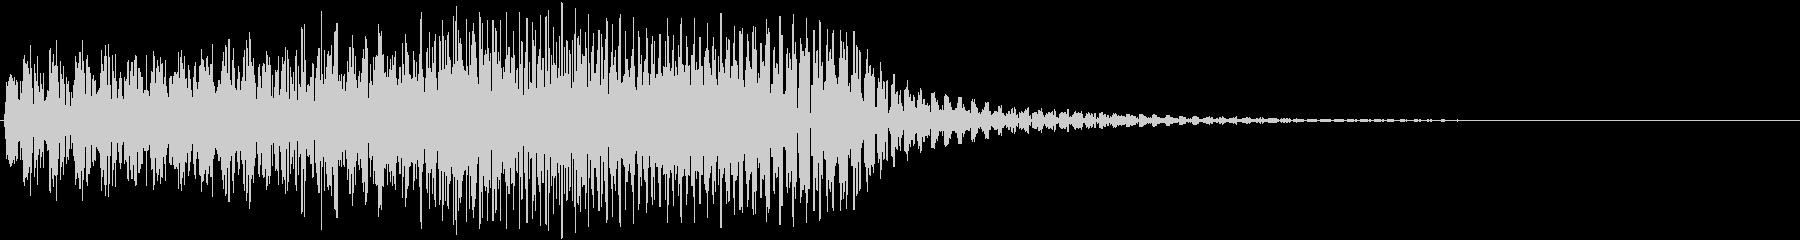 音楽効果;スライド式シンセサイザー...の未再生の波形